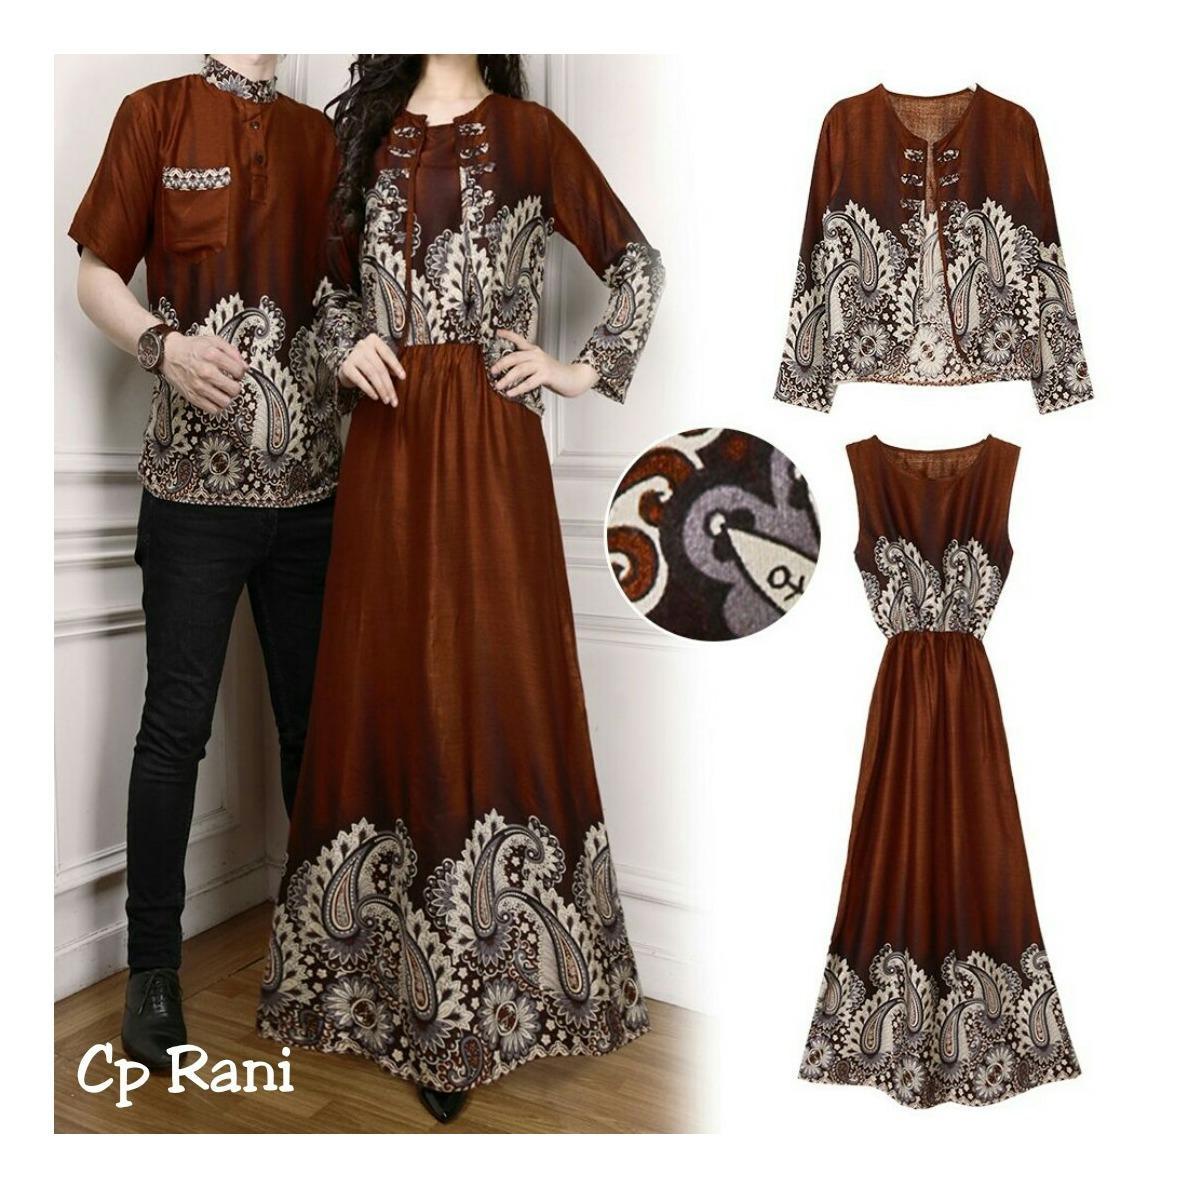 Suki Baju Couple Rani / Pakaian Kembar / Couple / Couple Muslim / Couple Batik / Kaos Couple / Kemeja Couple / Baju Pasangan / Fashion Couple / Sweater Couple / Kaos Pasangan